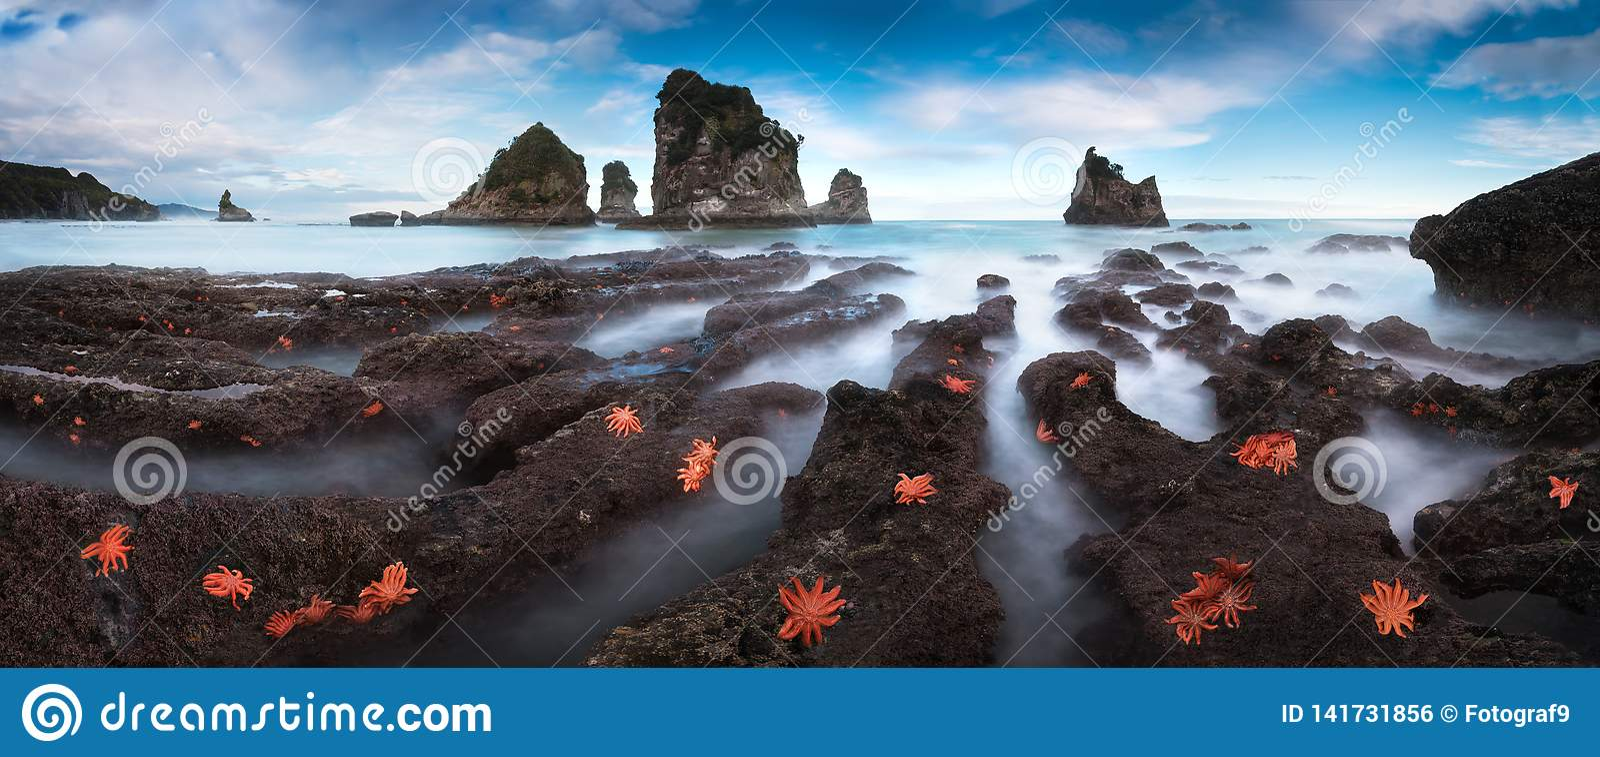 Ponto da baía de Motukiekie Uma exposição longa de uma cena selvagem, áspera da natureza da costa oeste da ilha sul de Nova Zelân